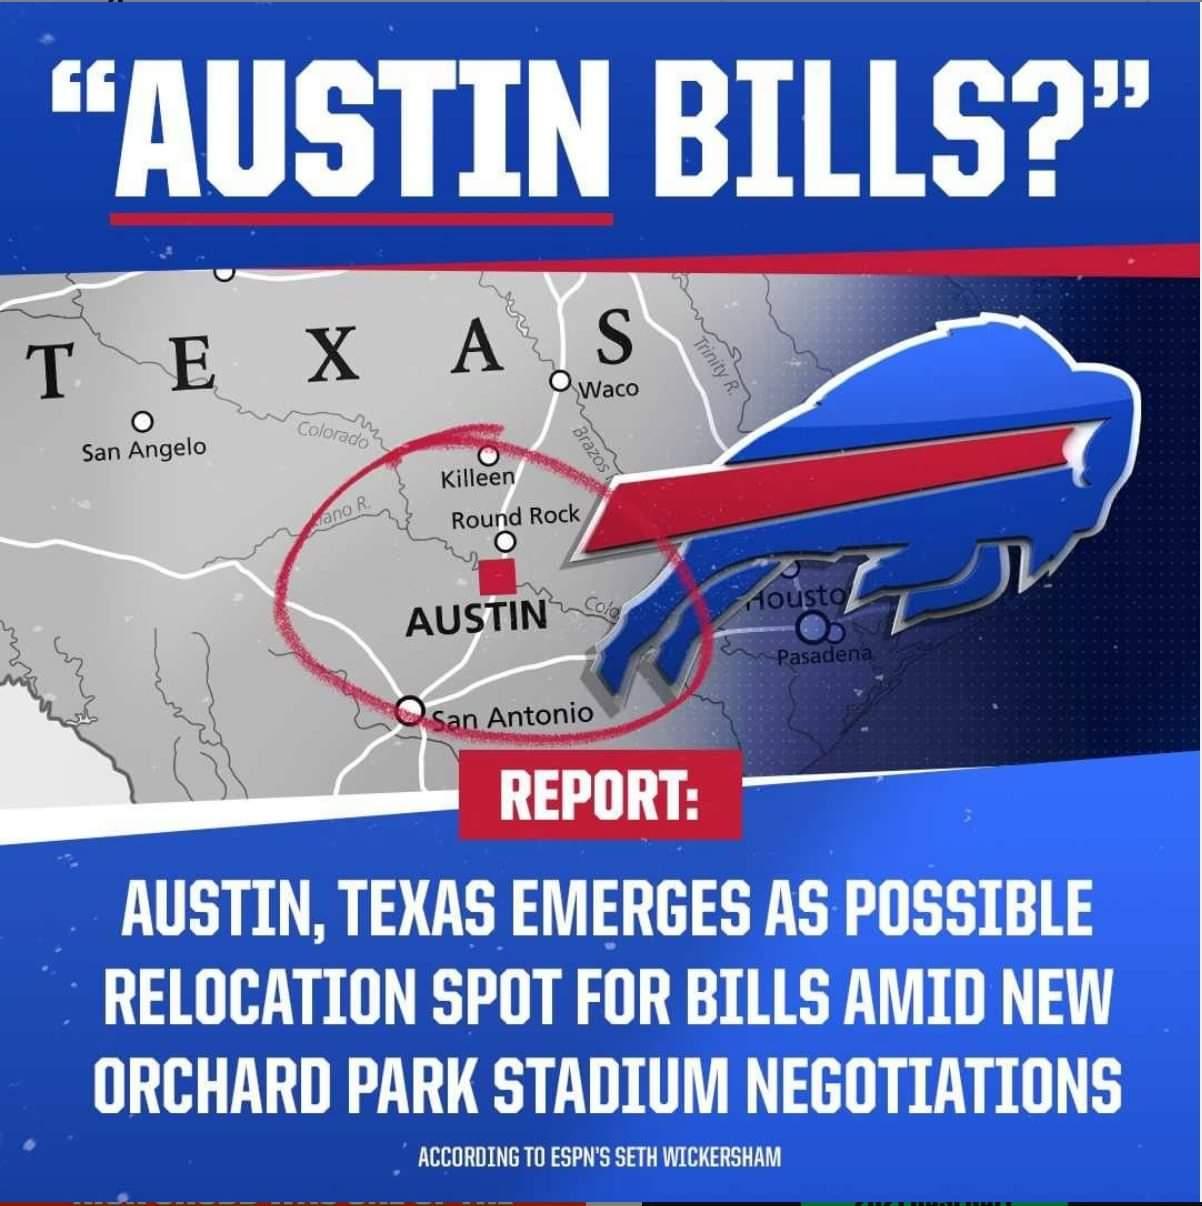 Austin Bills